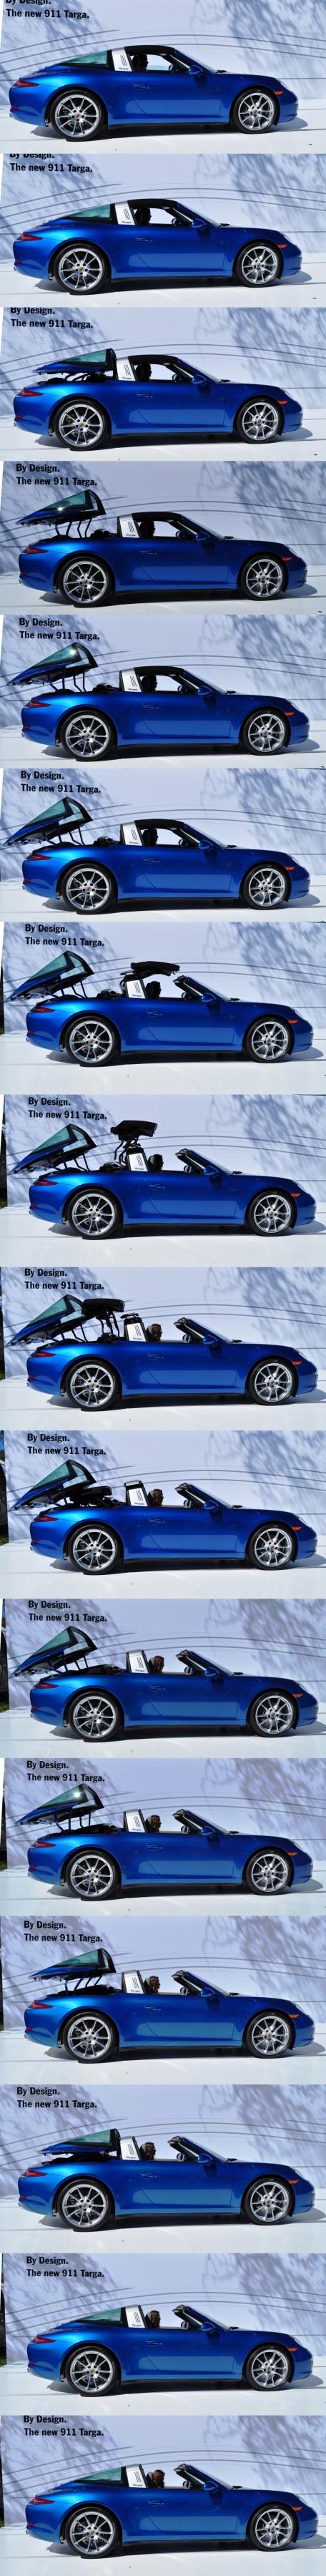 2014 Porsche 911 Targa4 -- Animated Roof Sequence + 30 High-Res Photos 28-vert